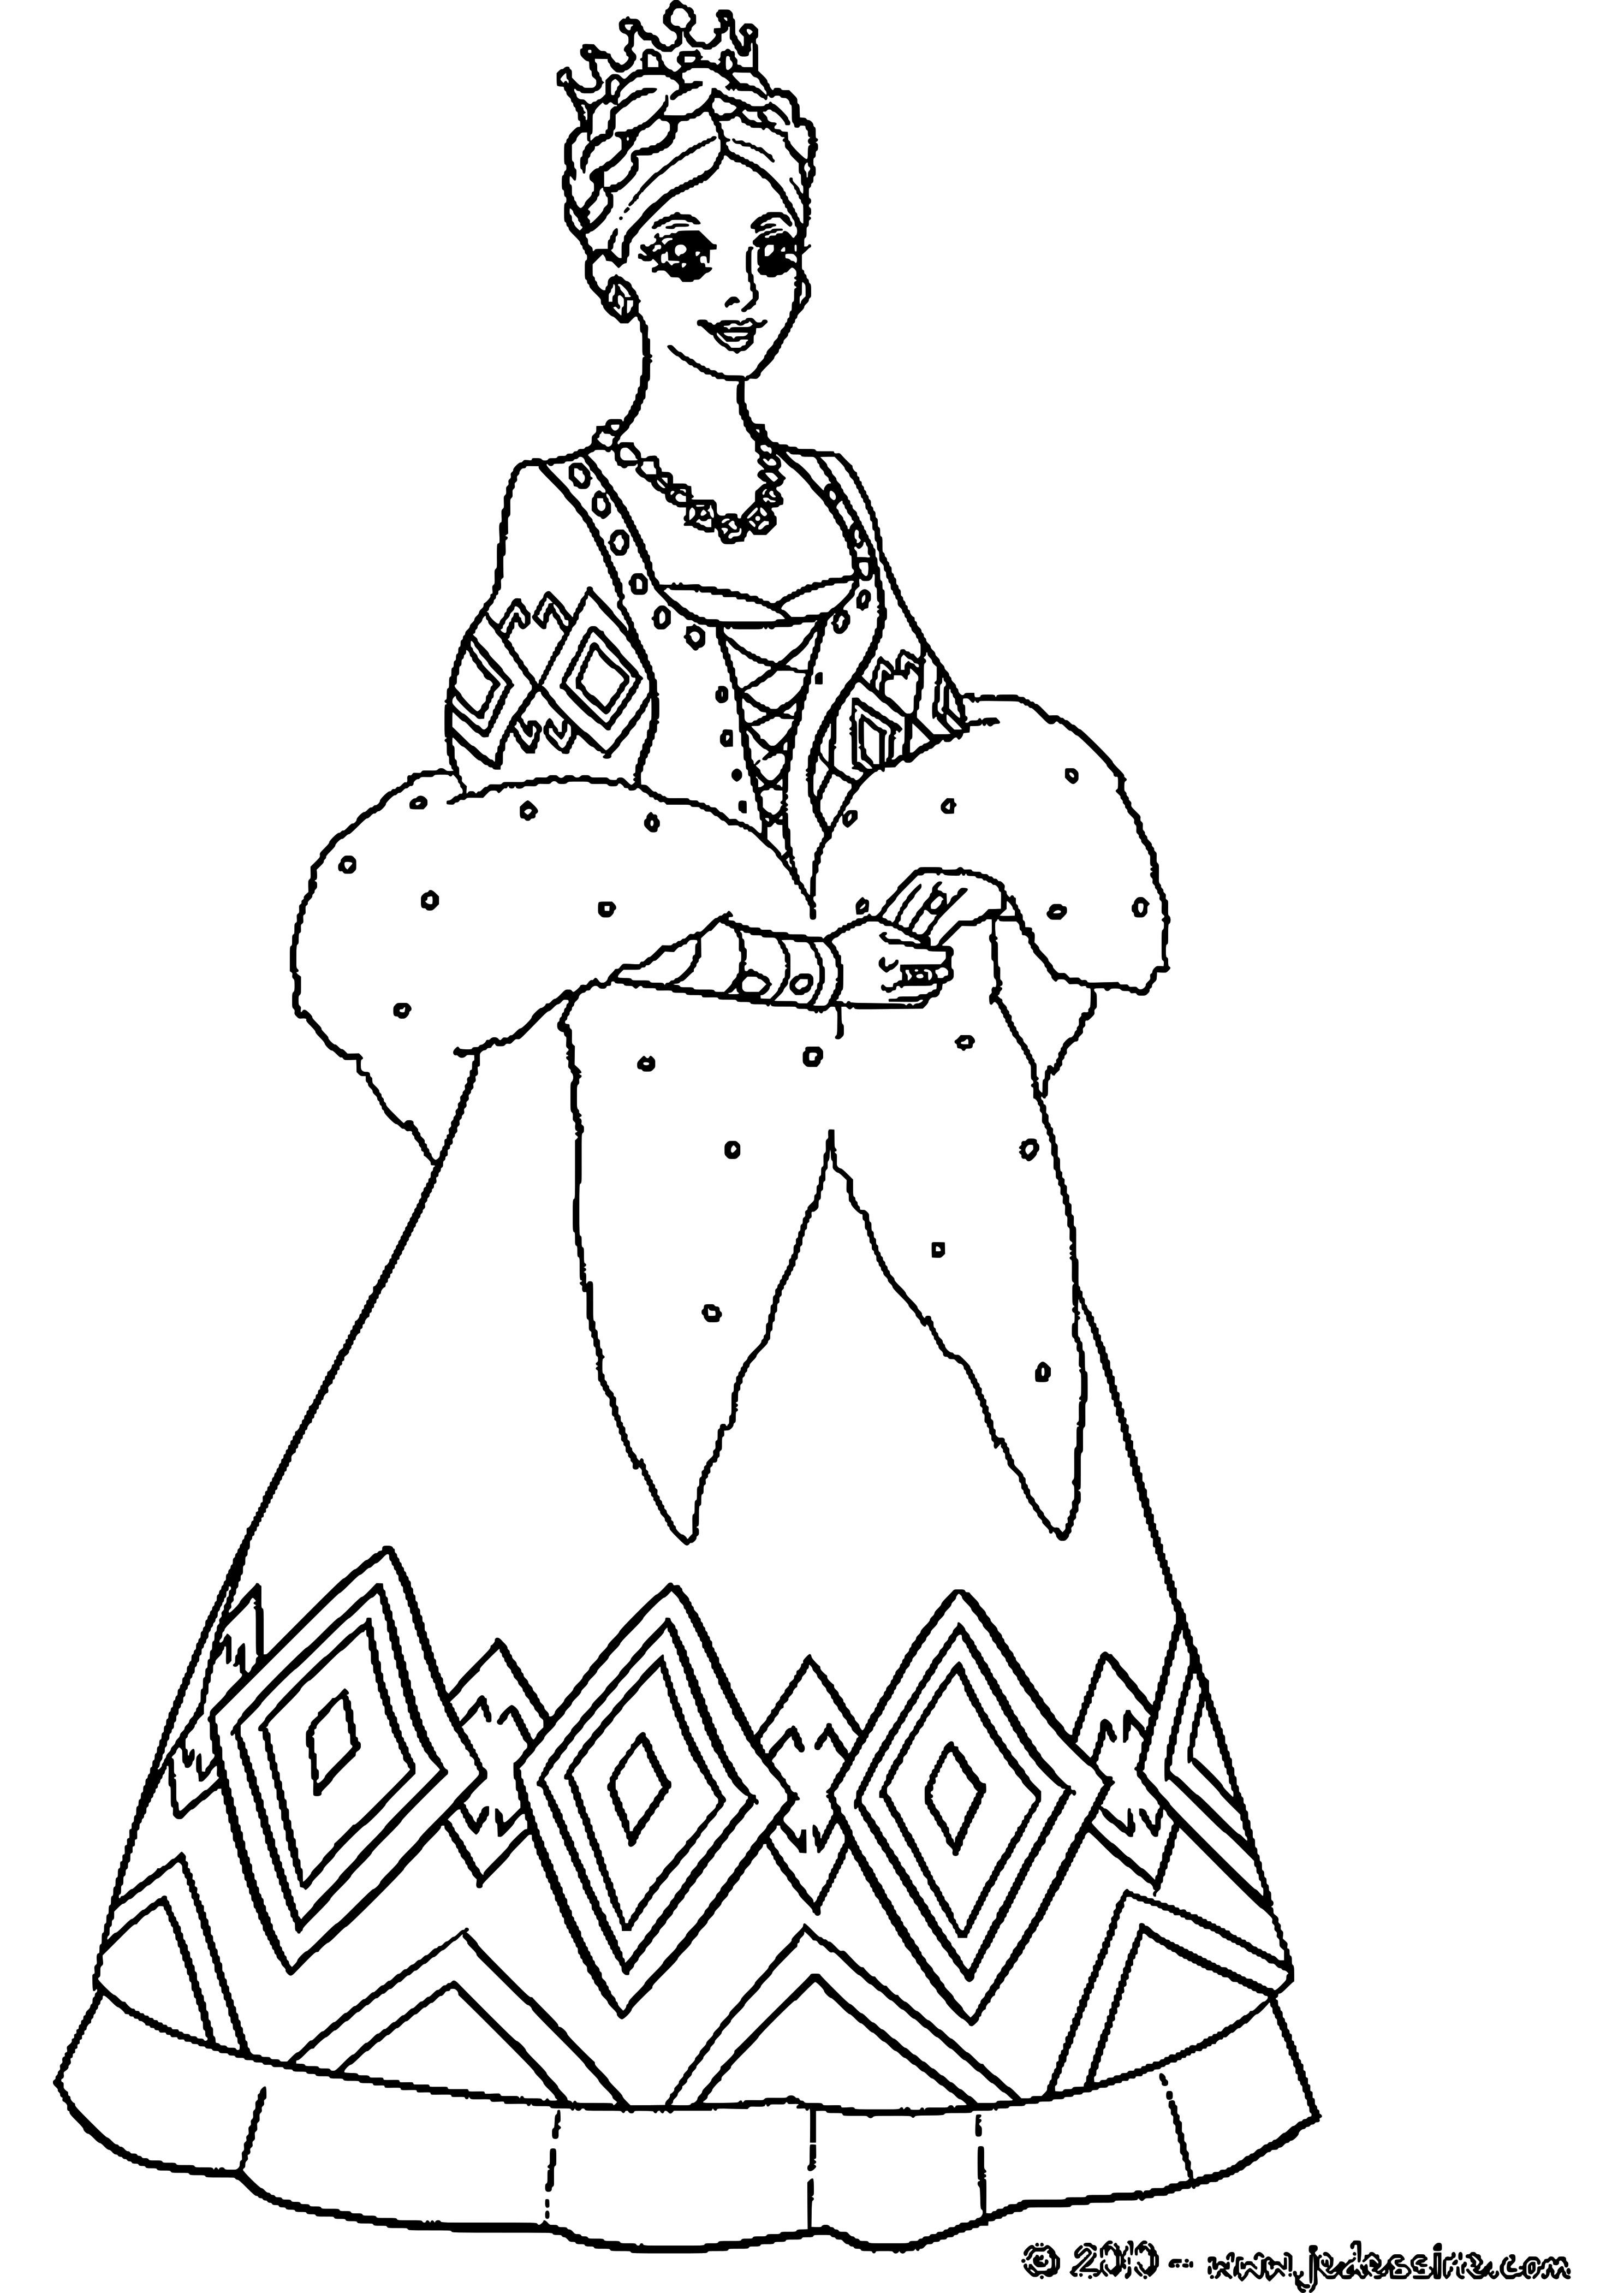 Ausmalbilder Prinzessin Inspirierend Herausragend Prinzessin Ausmalbilder Disney Prinzessin Bild